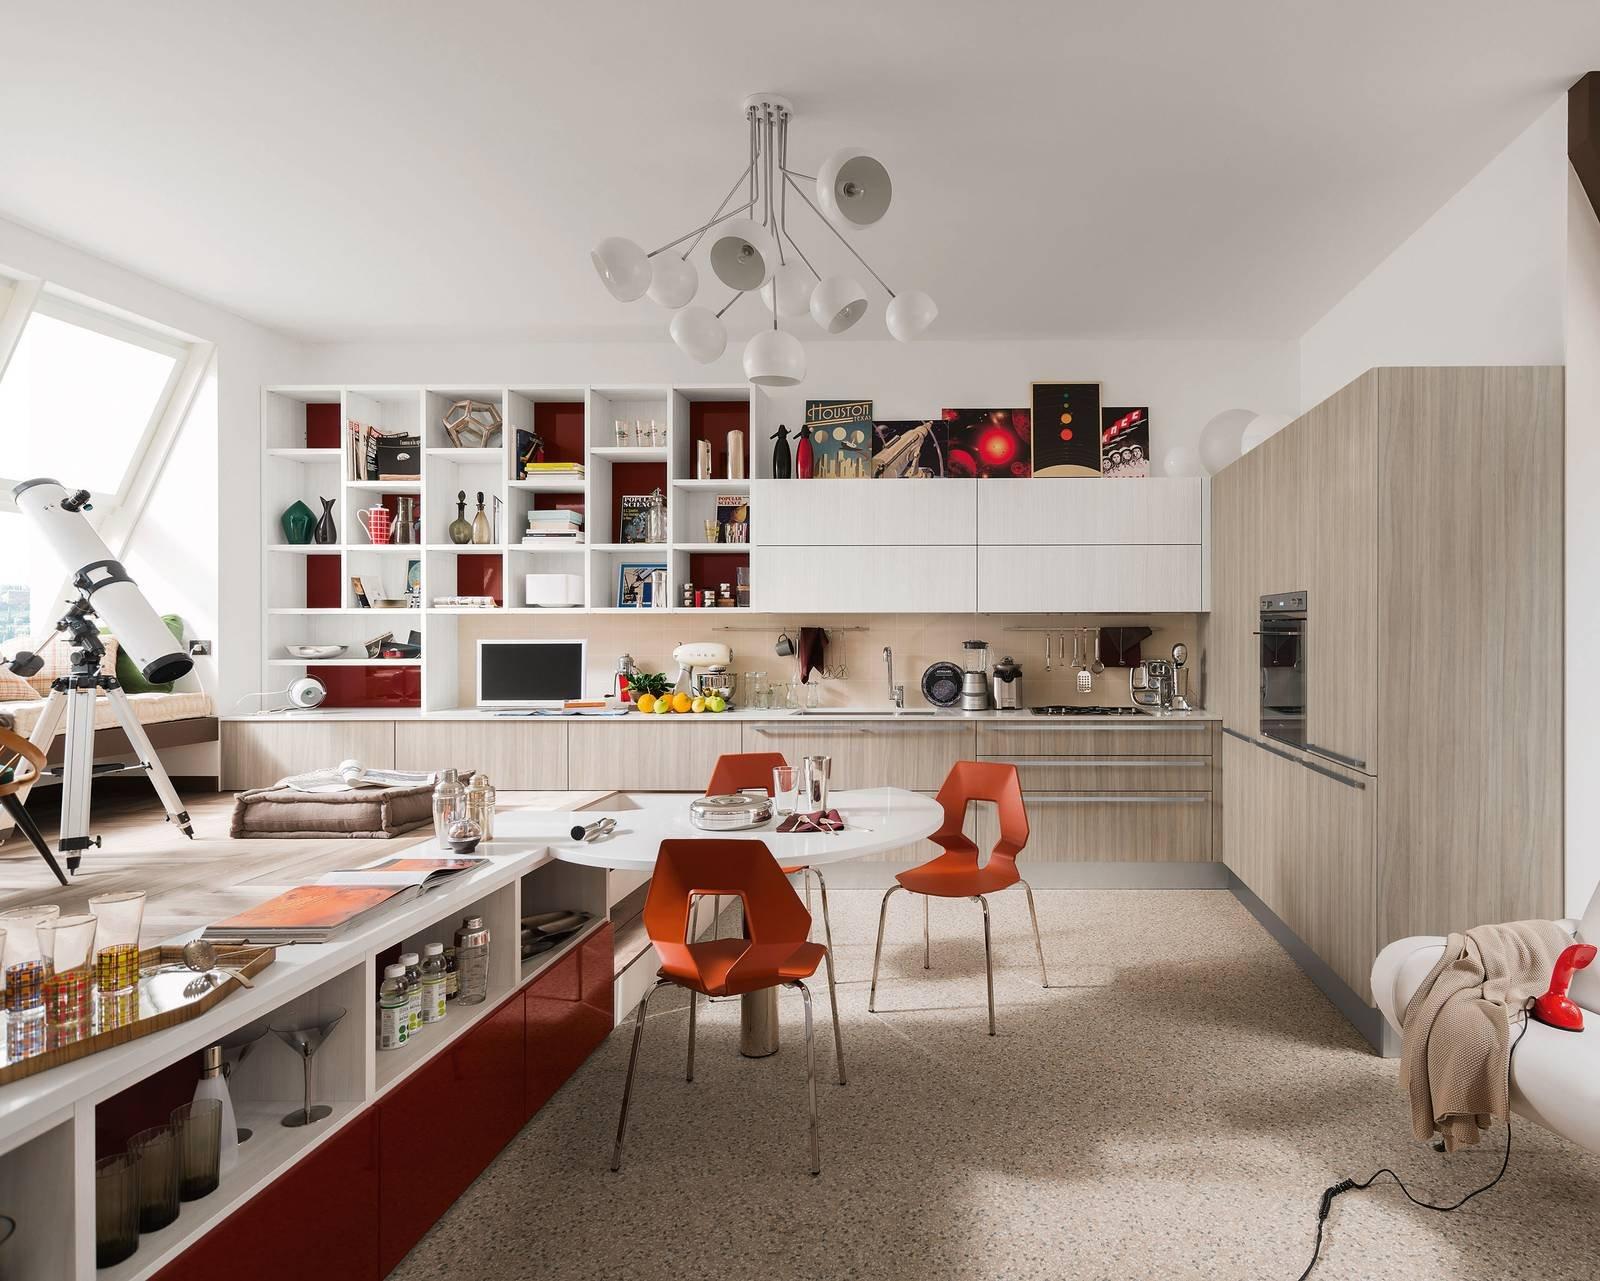 Cucina vani a giorno per dare movimento alla composizione - Cucine a giorno ...